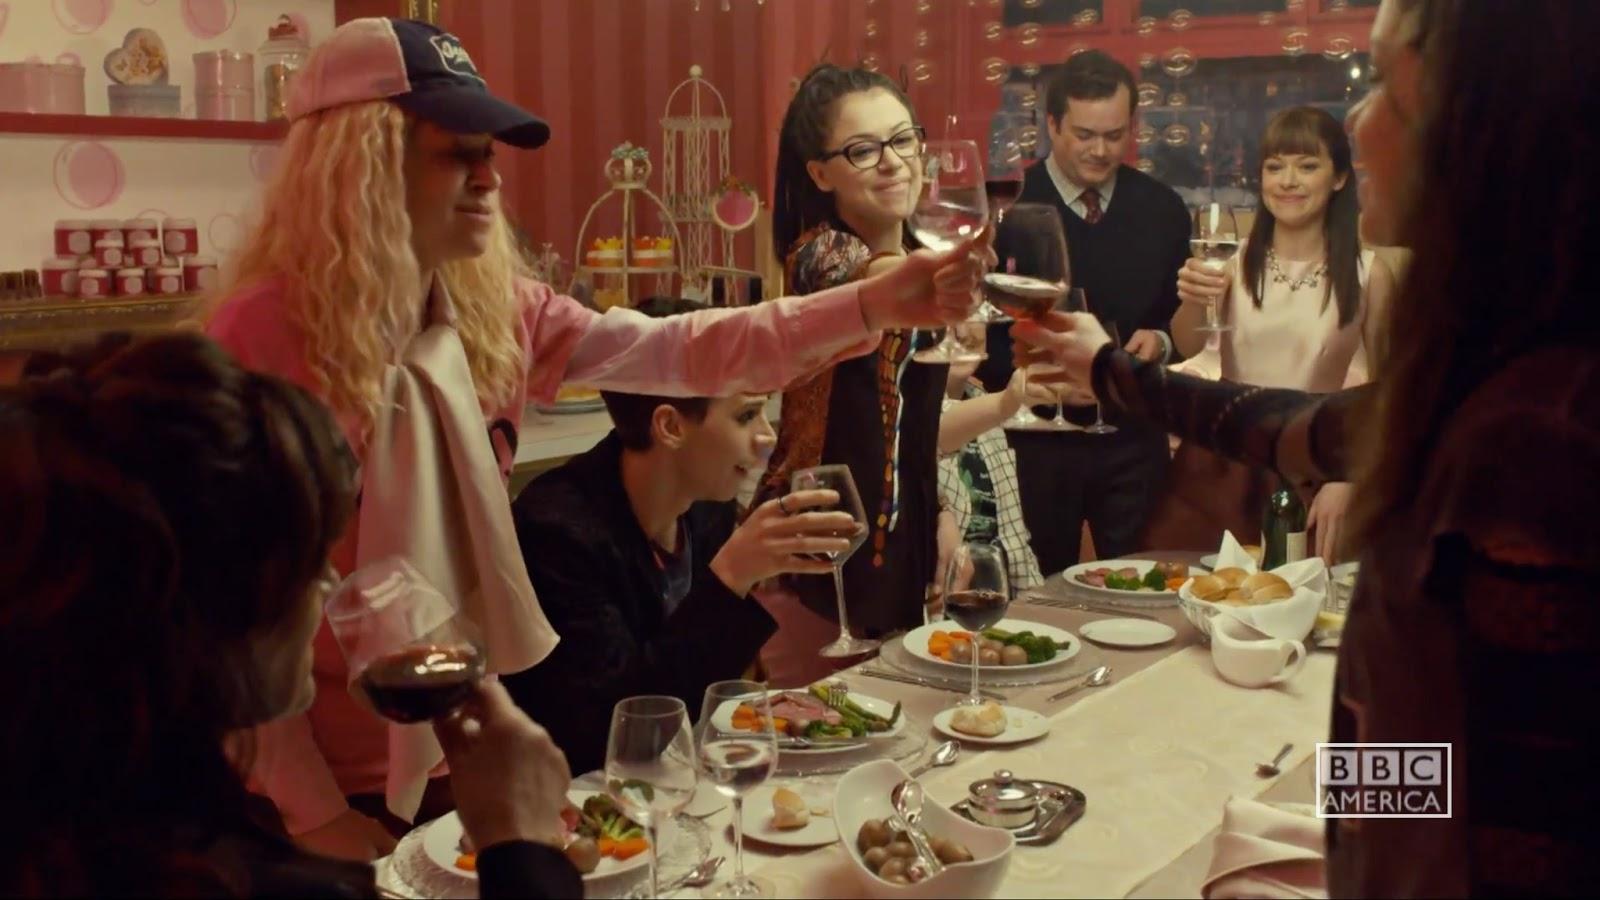 El reparto de Orphan Black en una escena de la tercera temporada